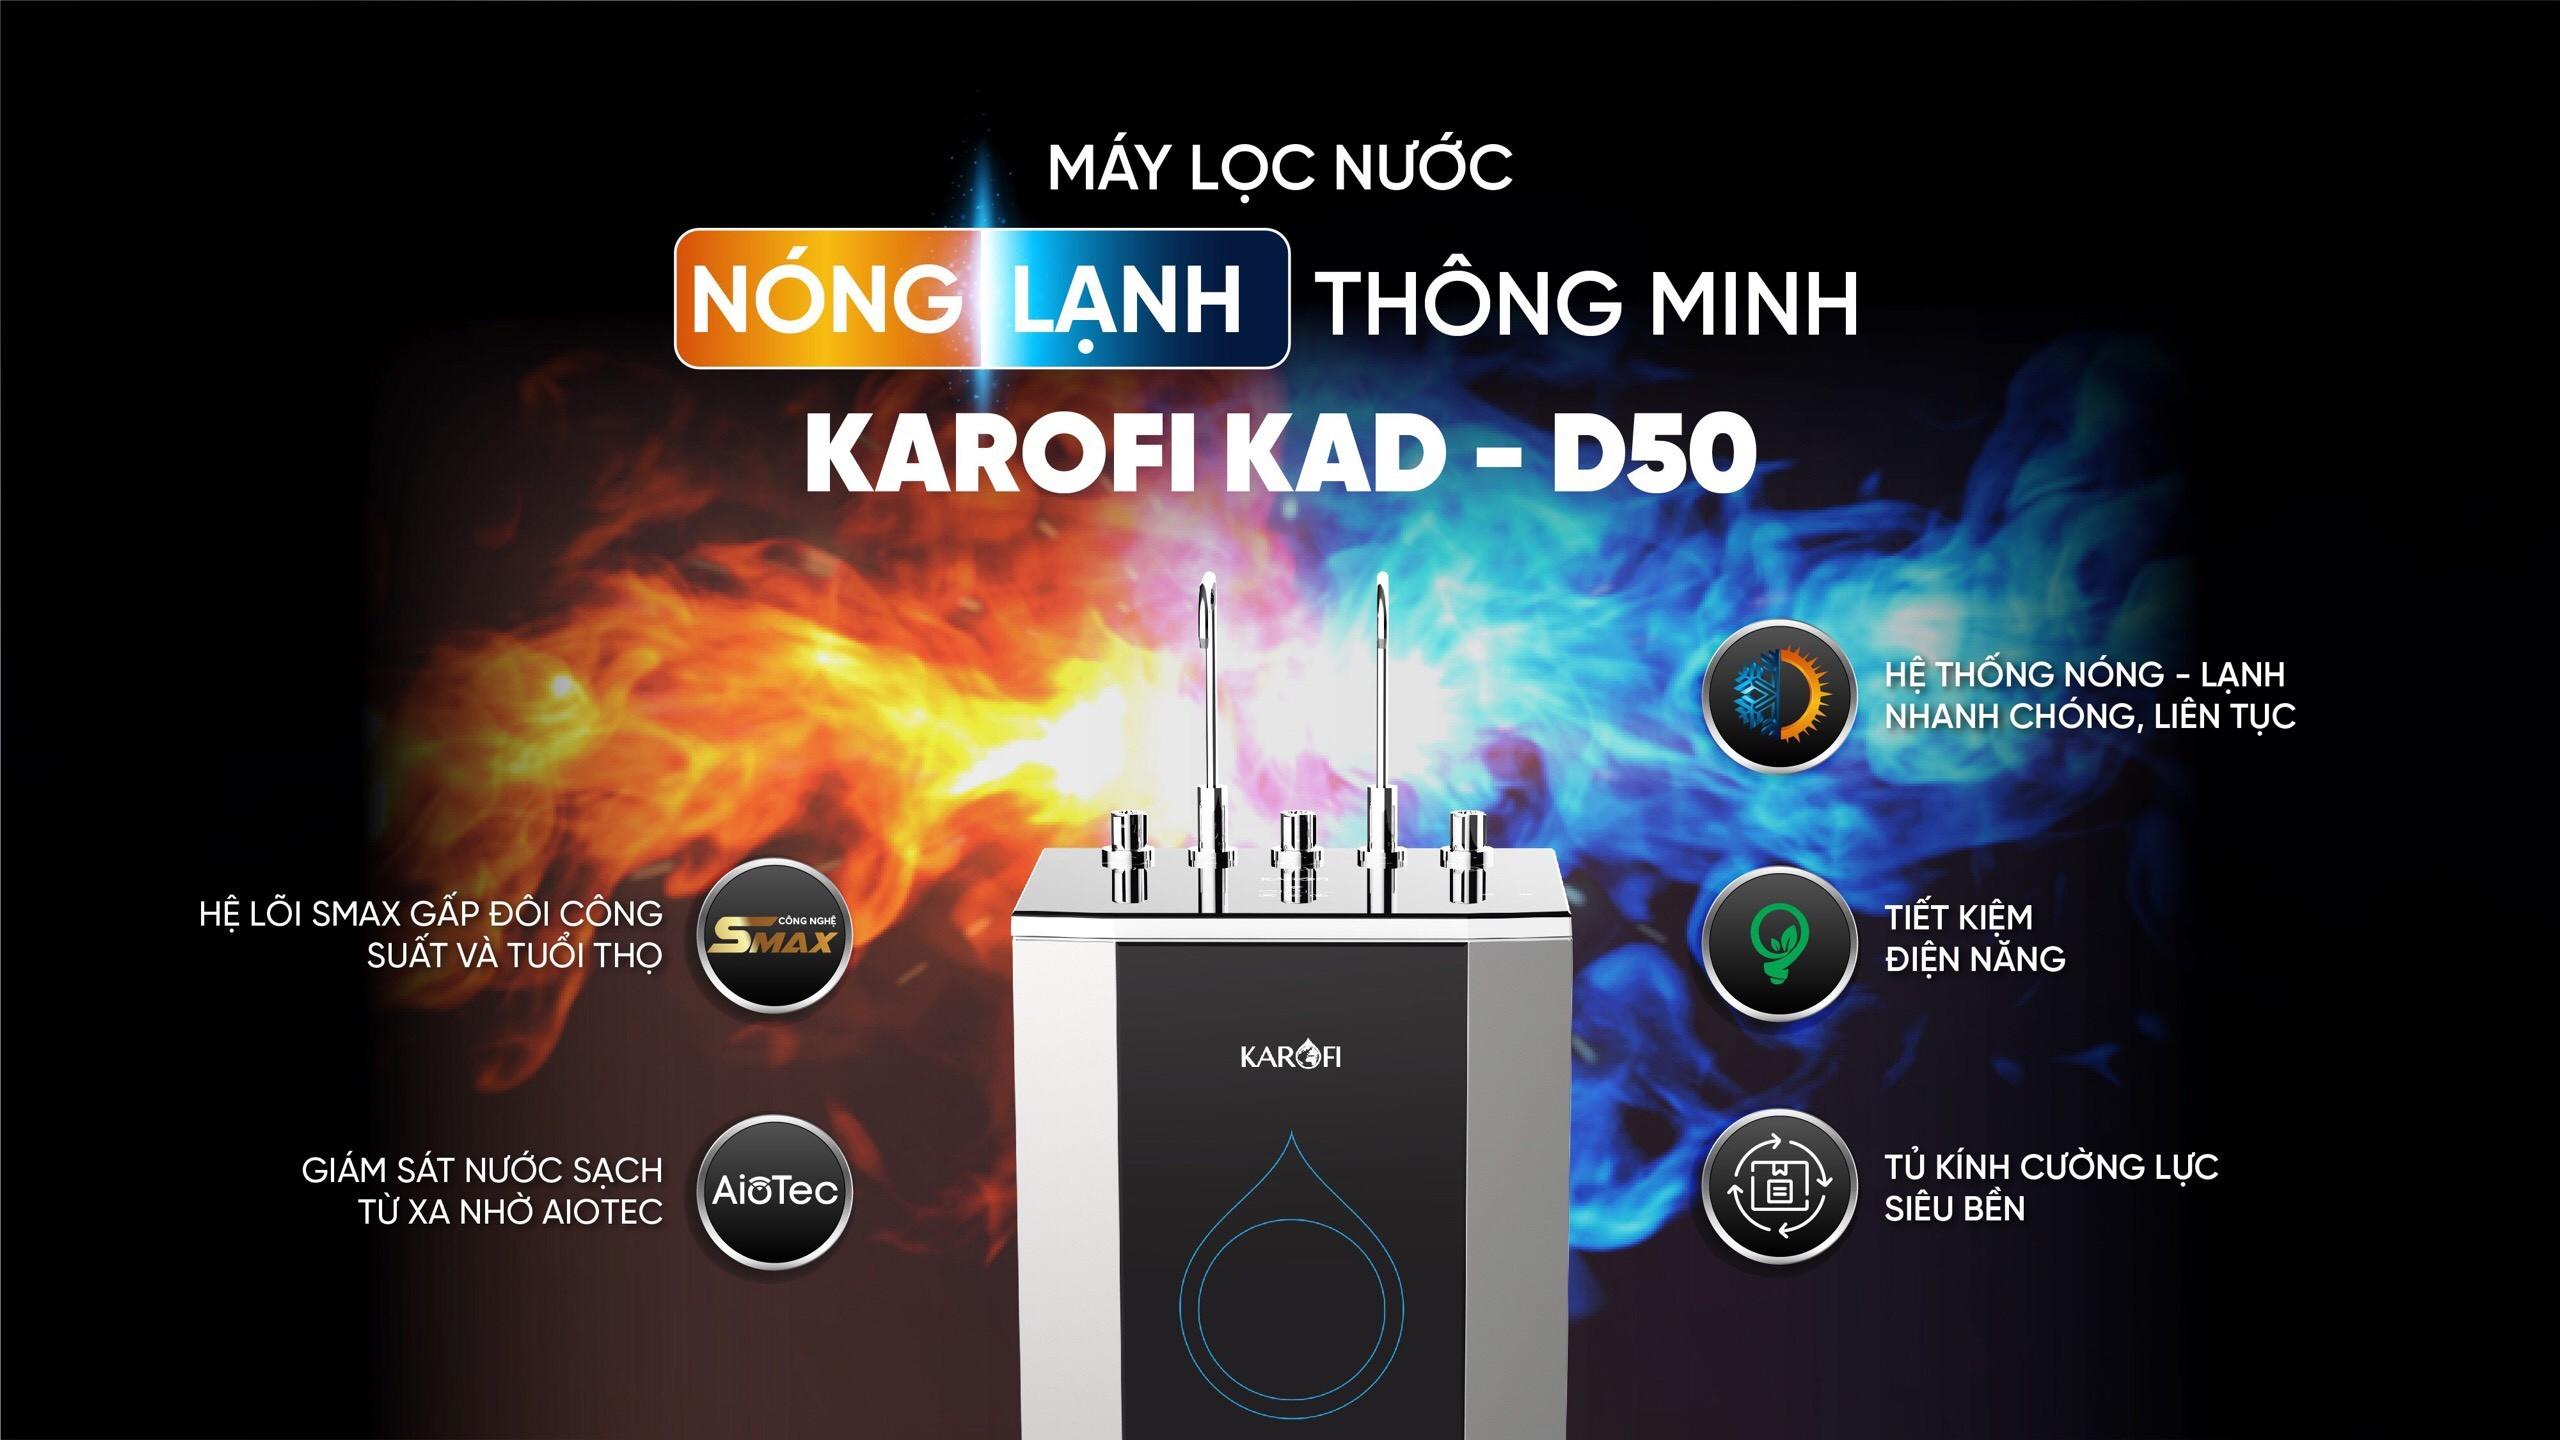 ĐẶT TRƯỚC - RƯỚC QUÀ HỜI: Đặt trước máy lọc nước nóng-lạnh D50 tặng ngay bếp từ KoriHome 1,420,000Đ